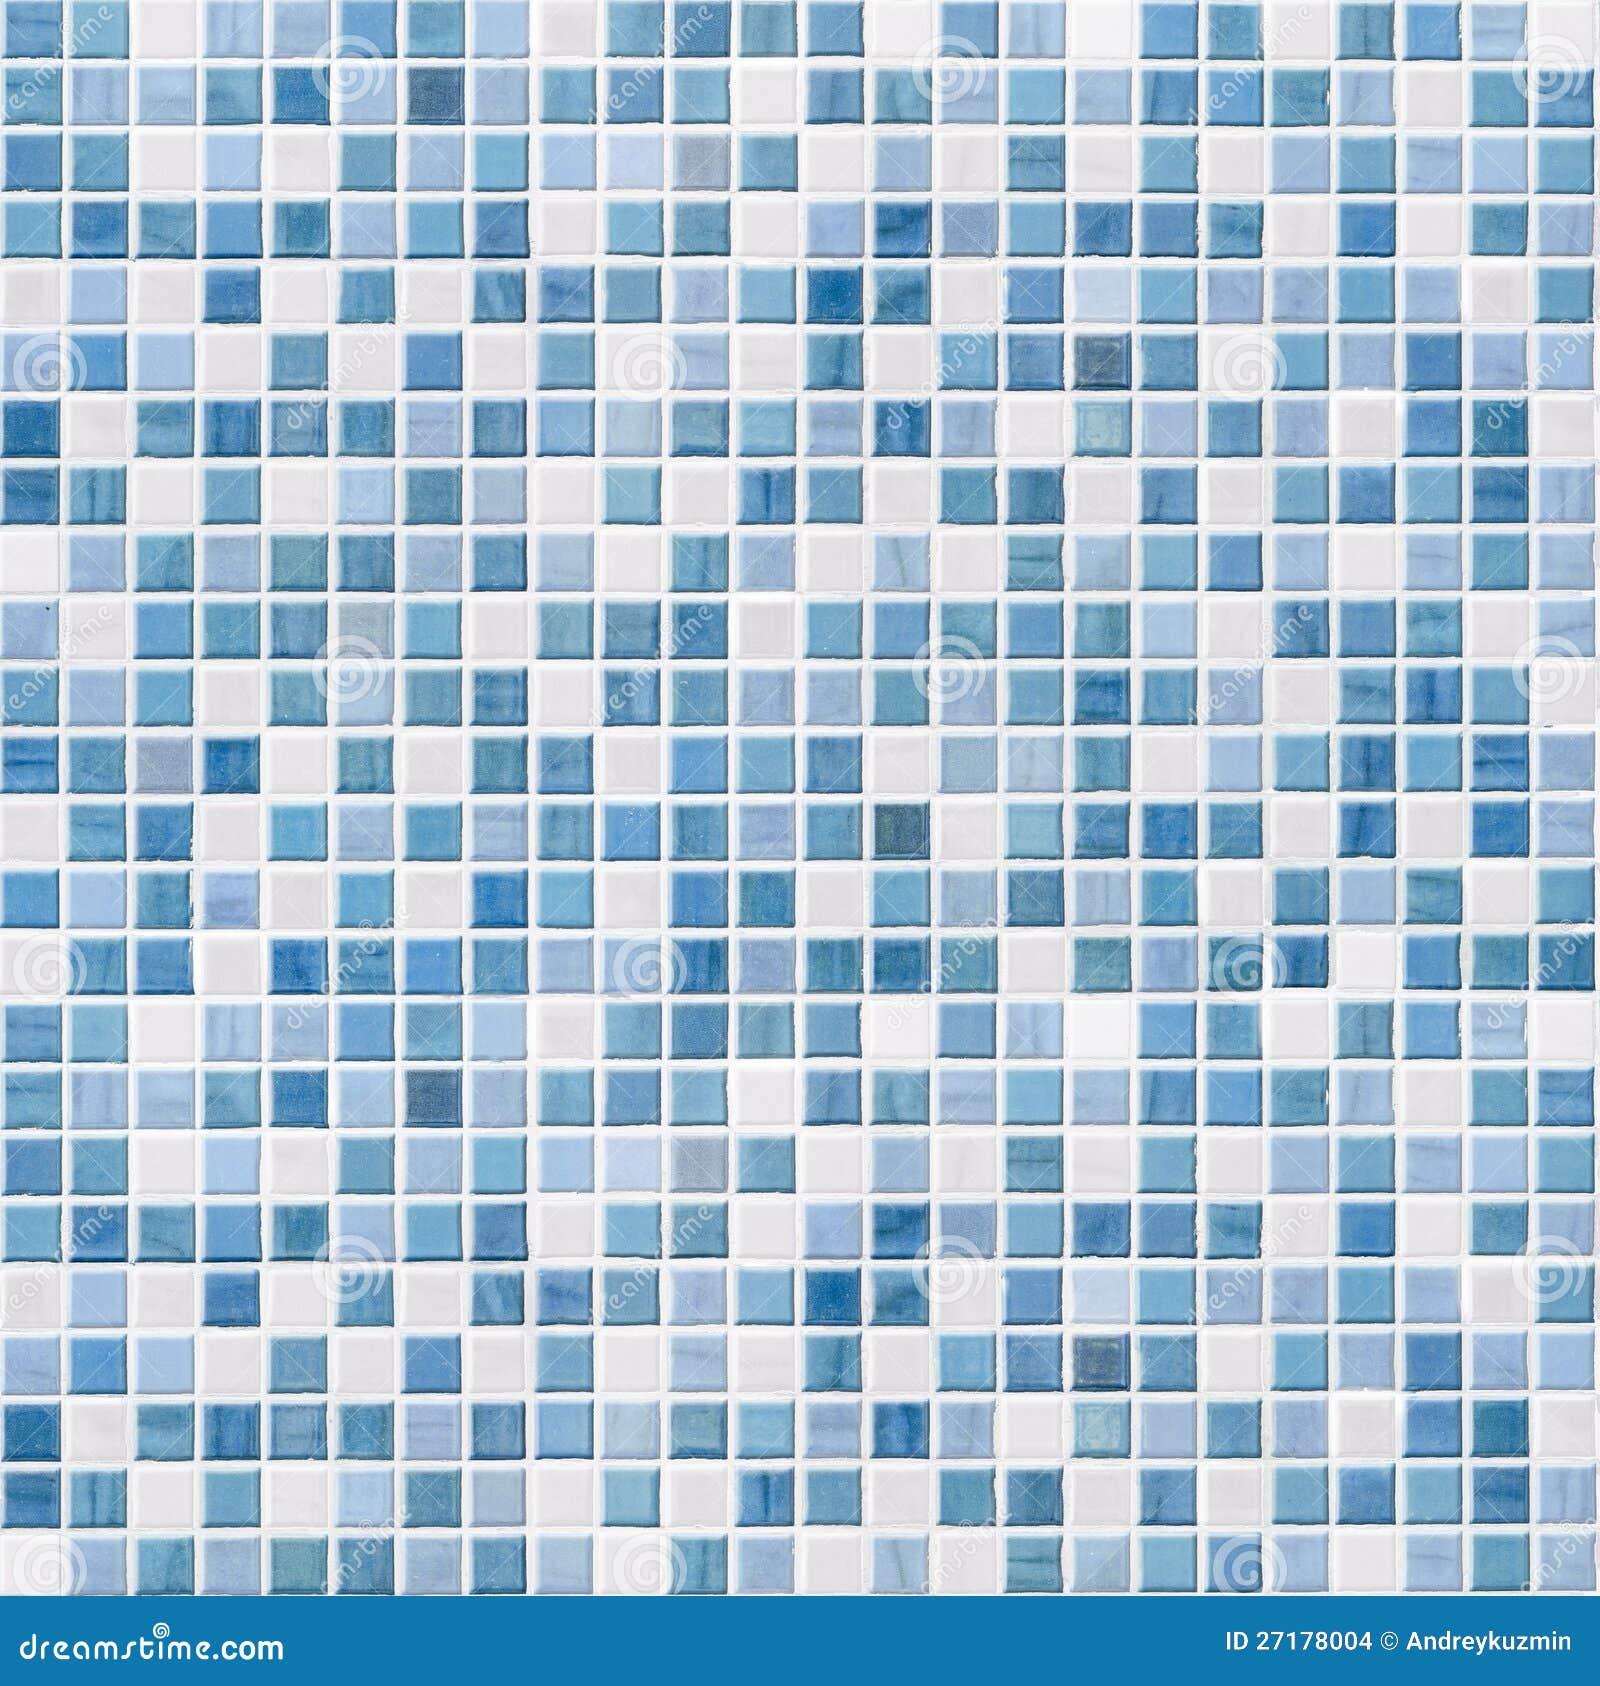 Alta resoluci n azul de la pared del azulejo foto de - Azulejos de pared ...